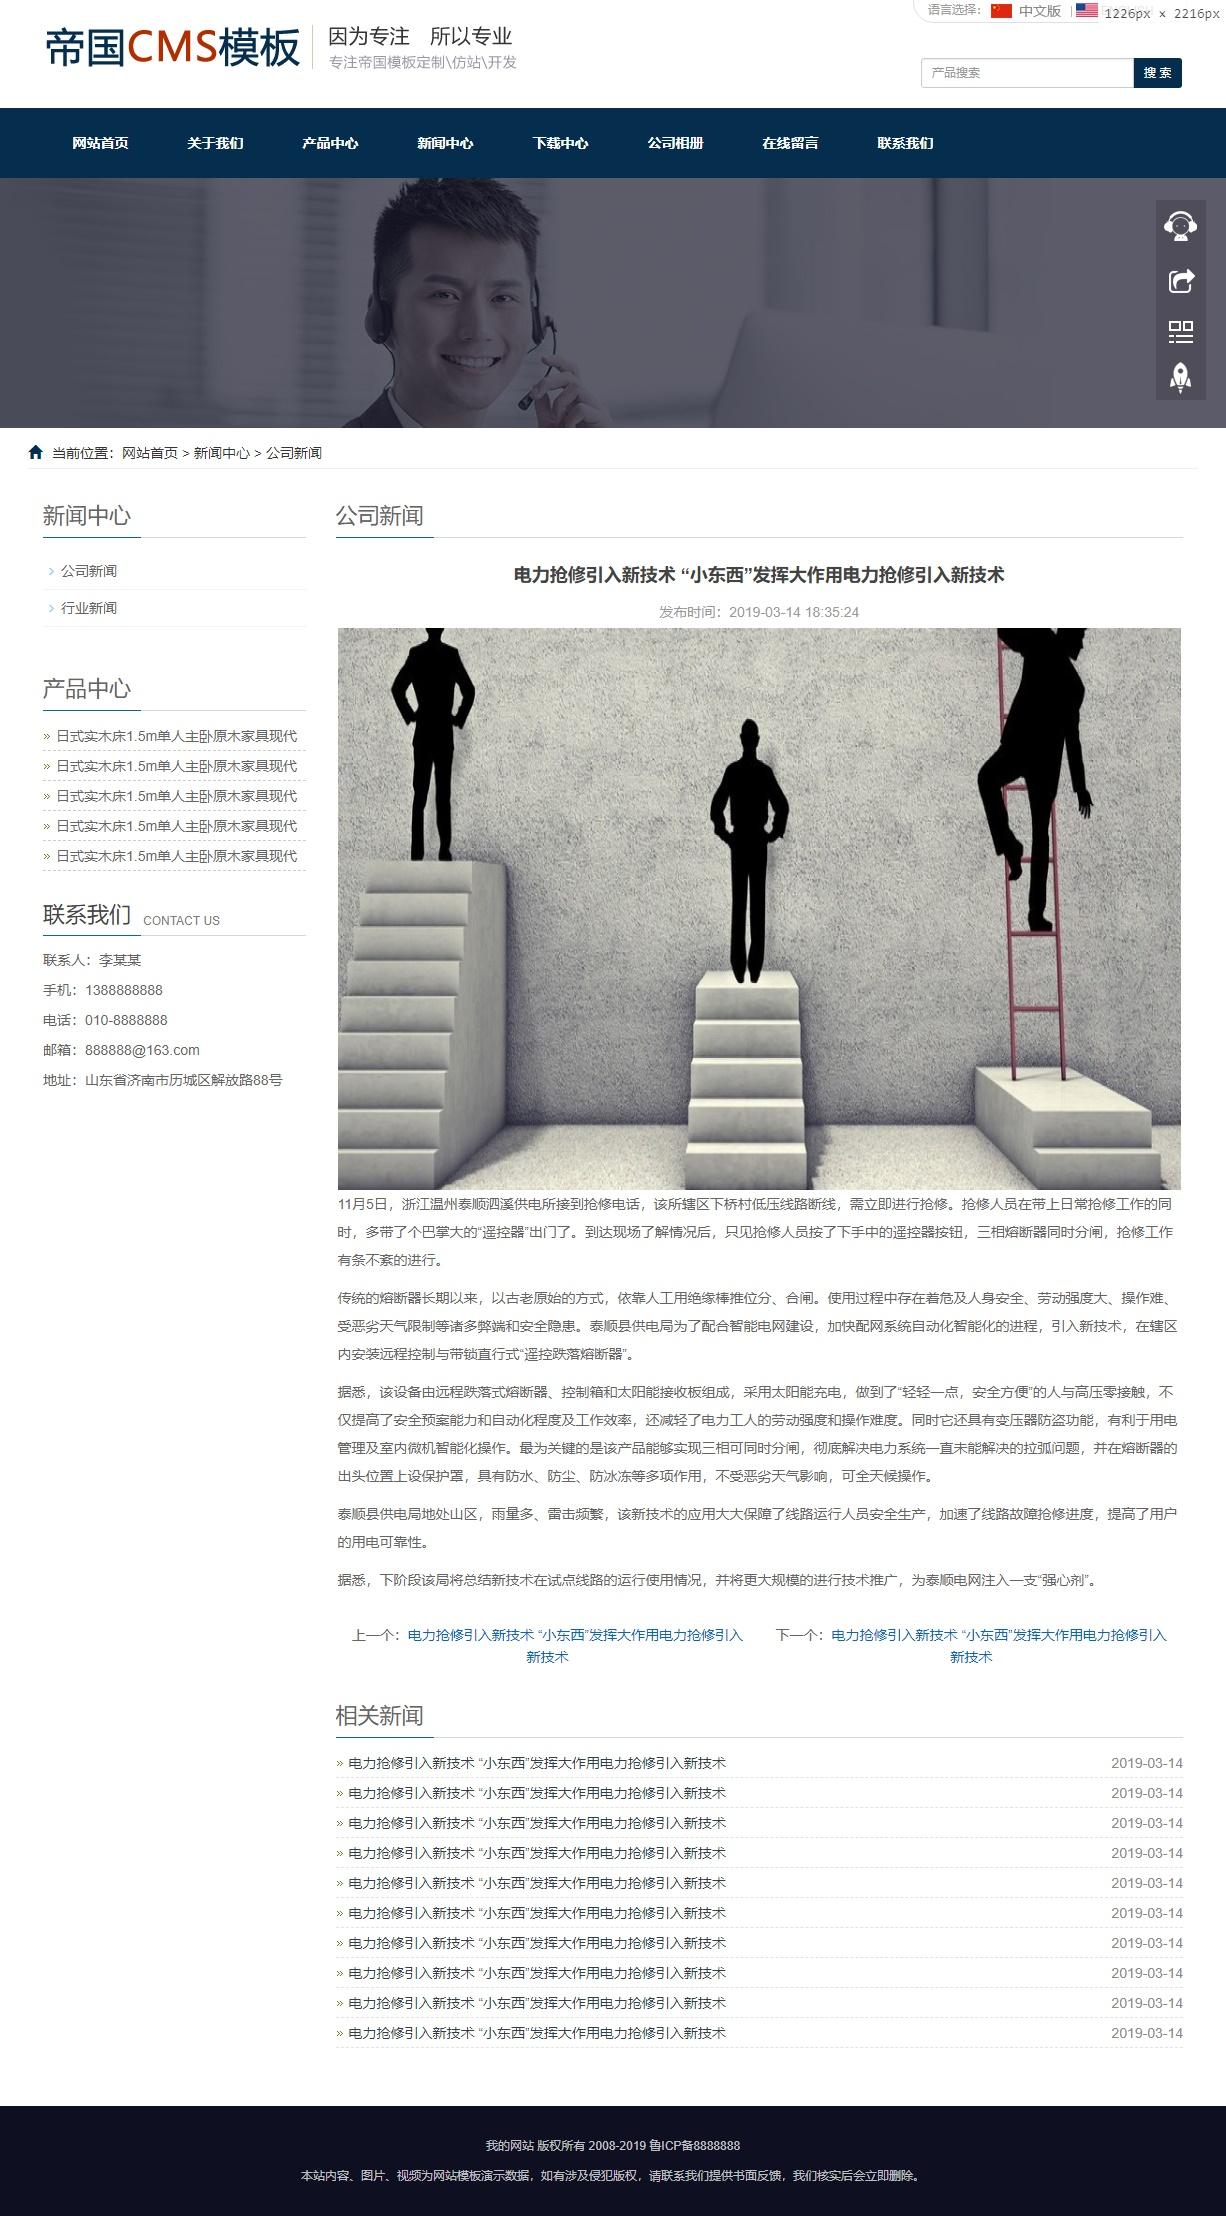 响应式自适应手机帝国cms中英文外贸企业网站模板_新闻内容页